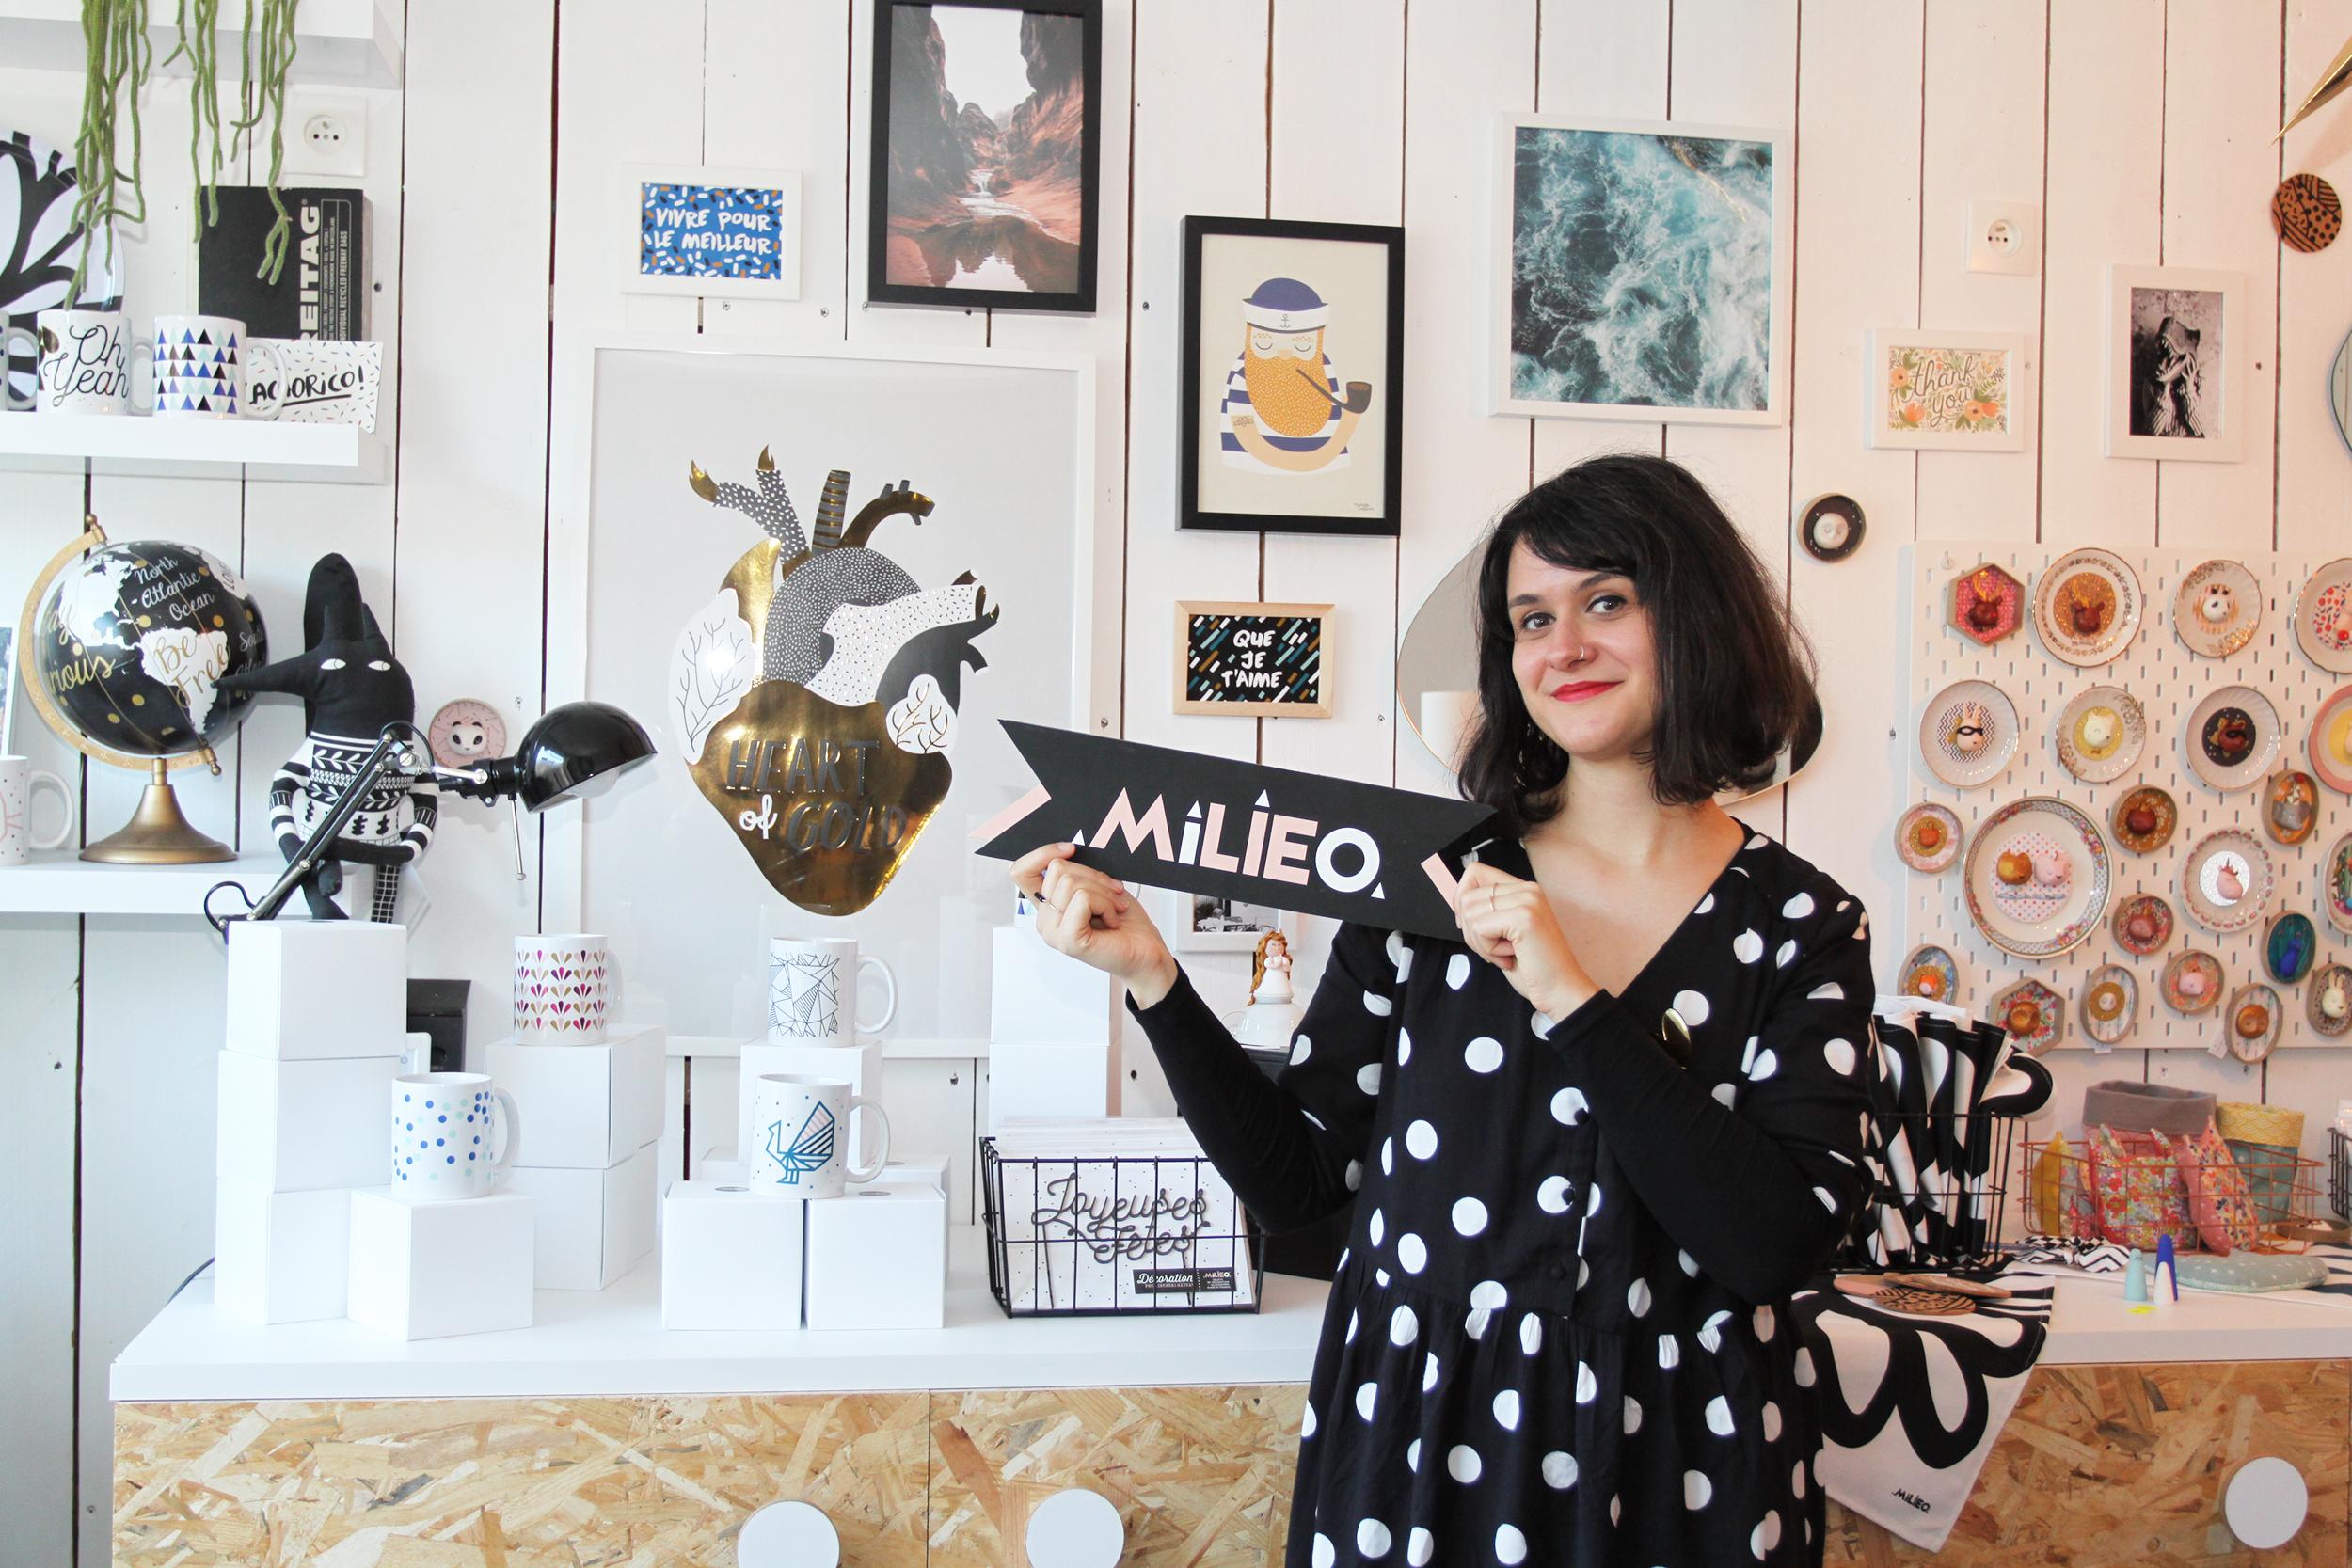 Histoire extraordinaire de la marque MilieO à Dury, projet accompagné par Bge Picardie